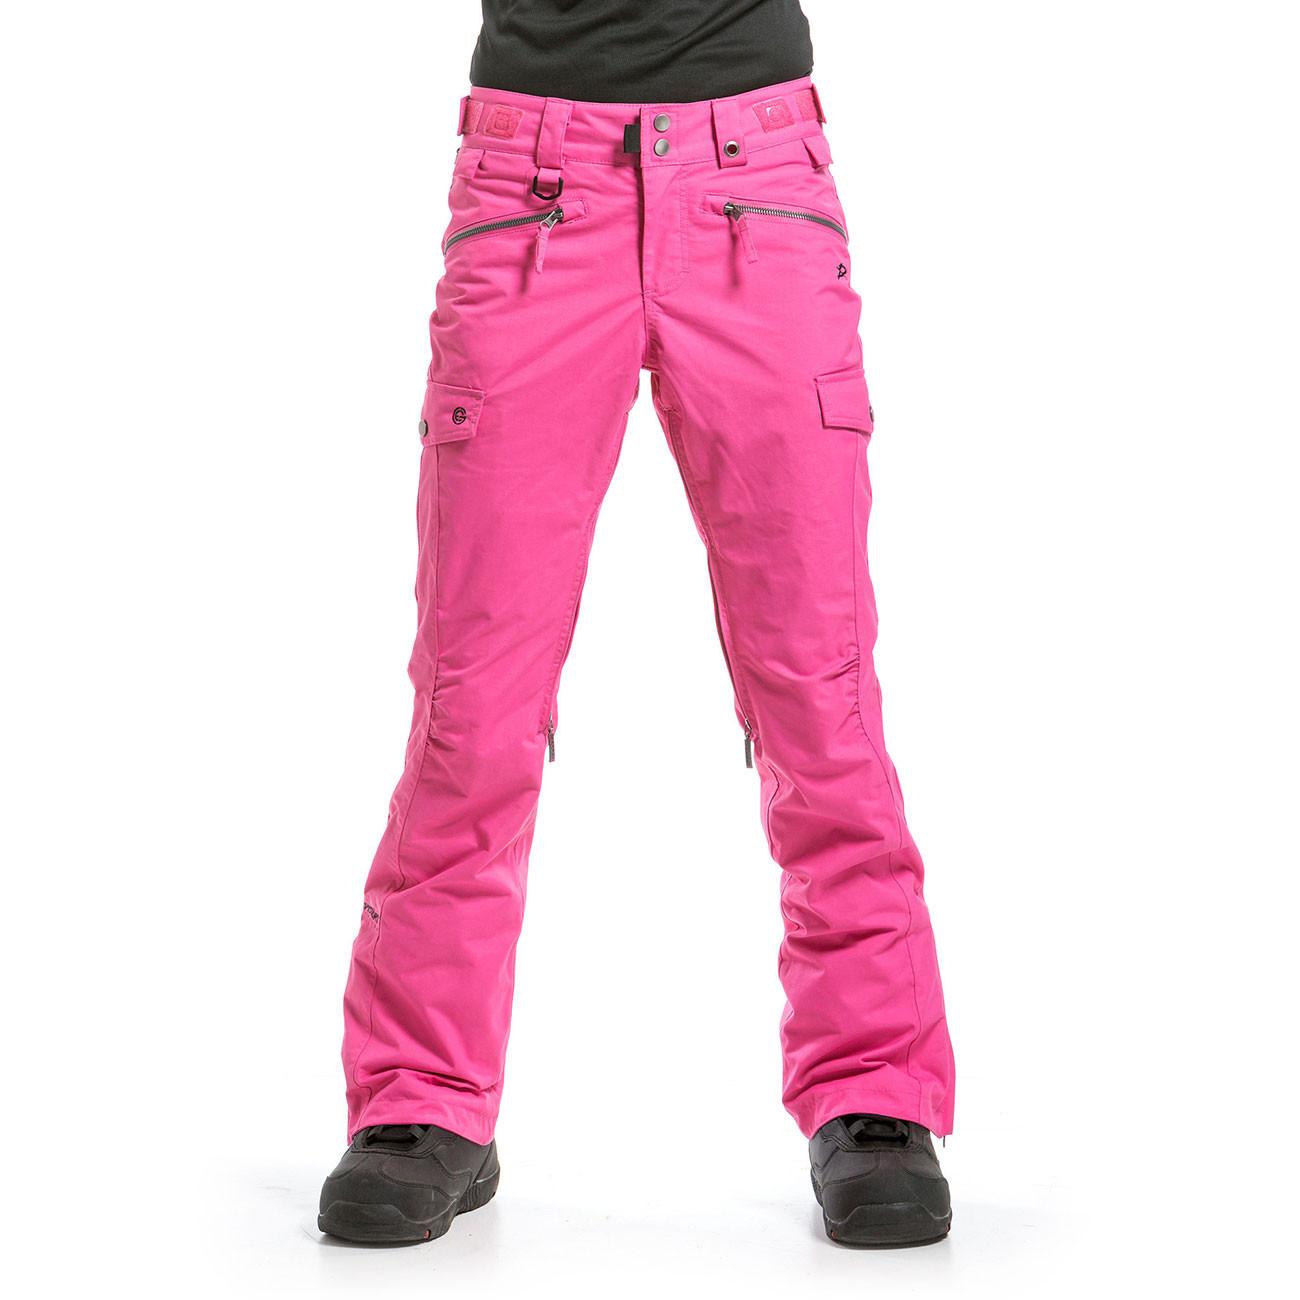 Kalhoty Nugget Frida 3 magenta